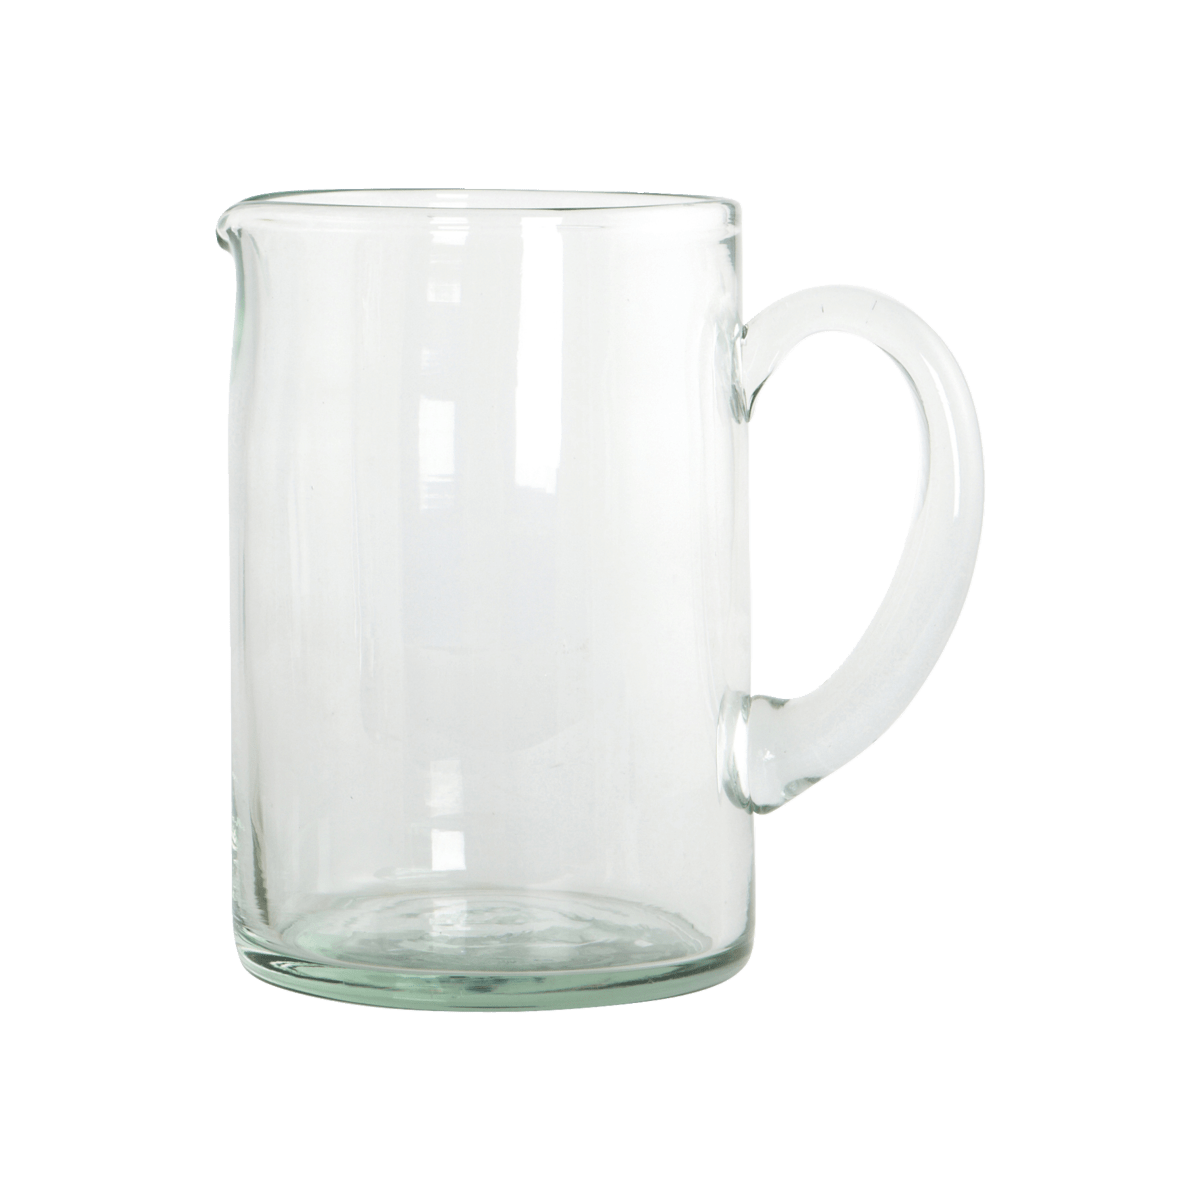 Skleněný džbánek H2O